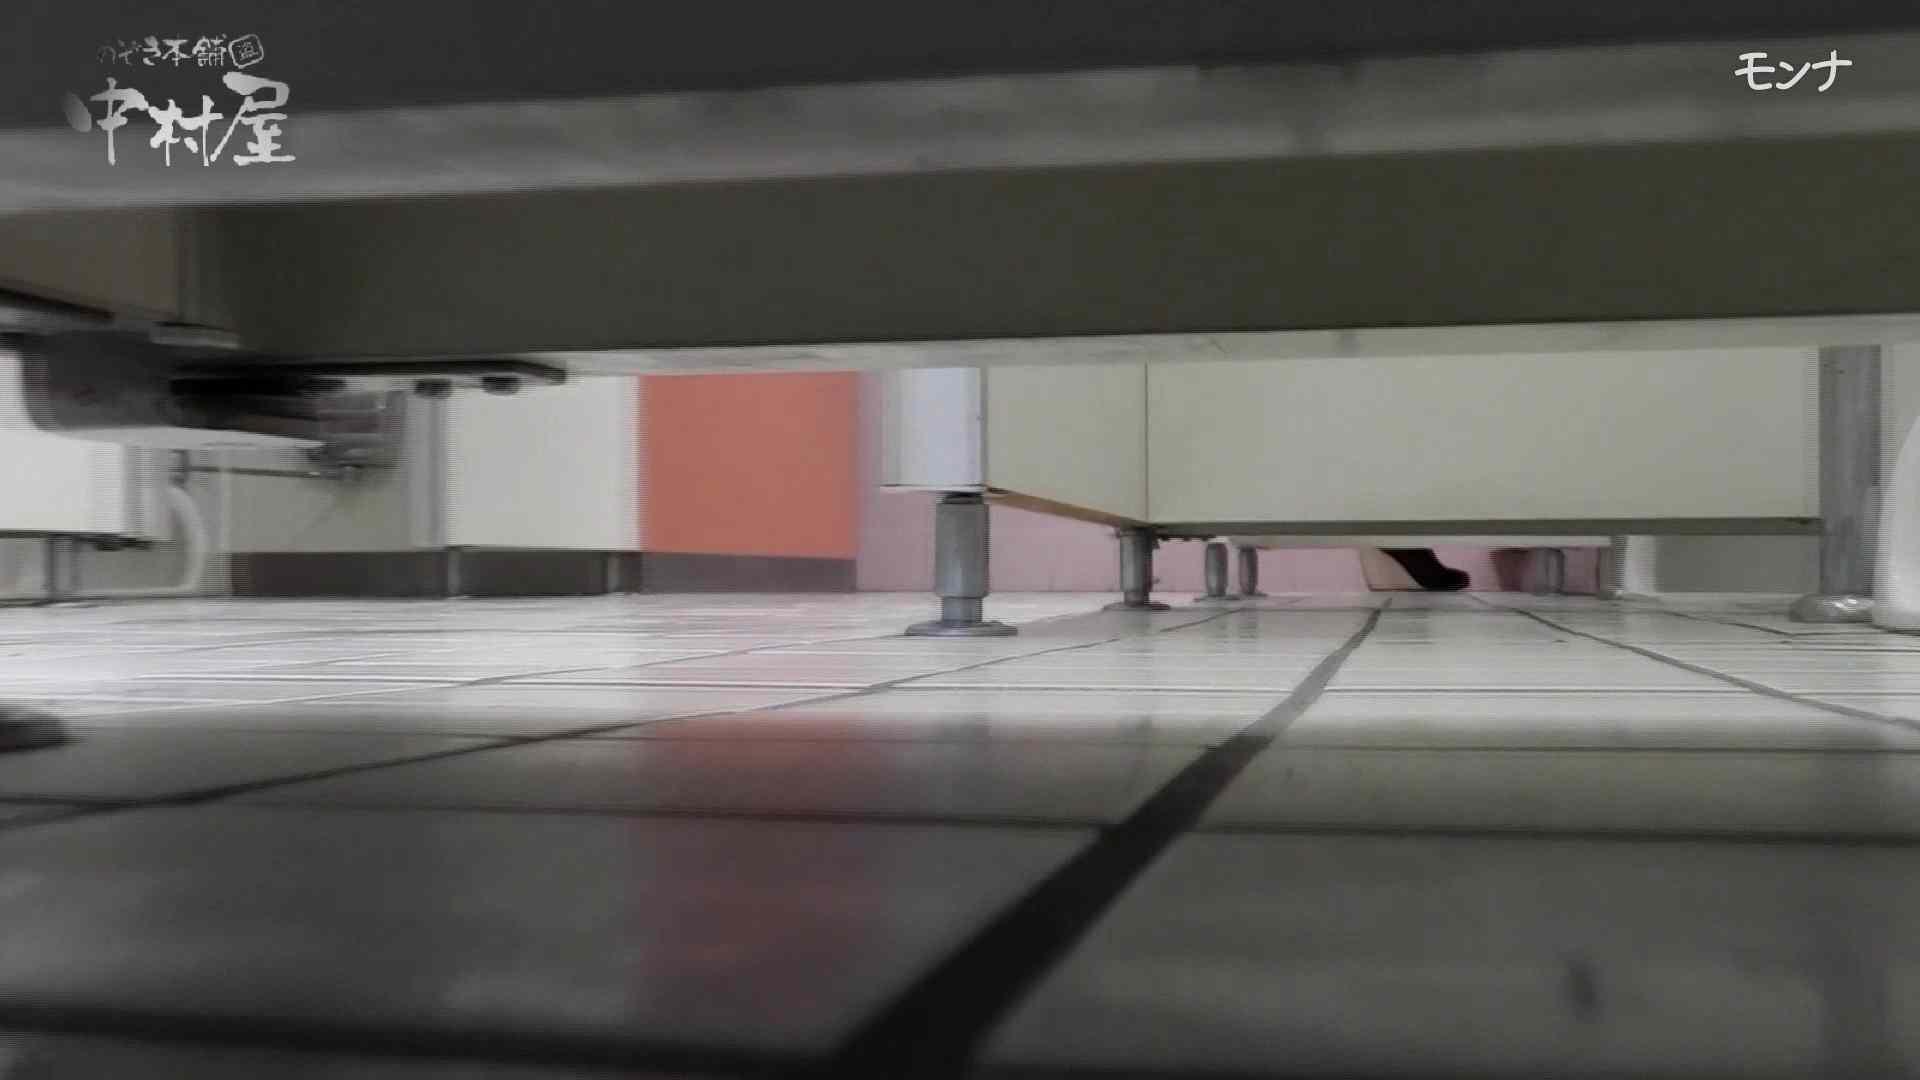 美しい日本の未来 No.49 何があった?カメラ持ちながらみんなの前に!潜り抜け 後編 盗撮師作品   モロだしオマンコ  79pic 46